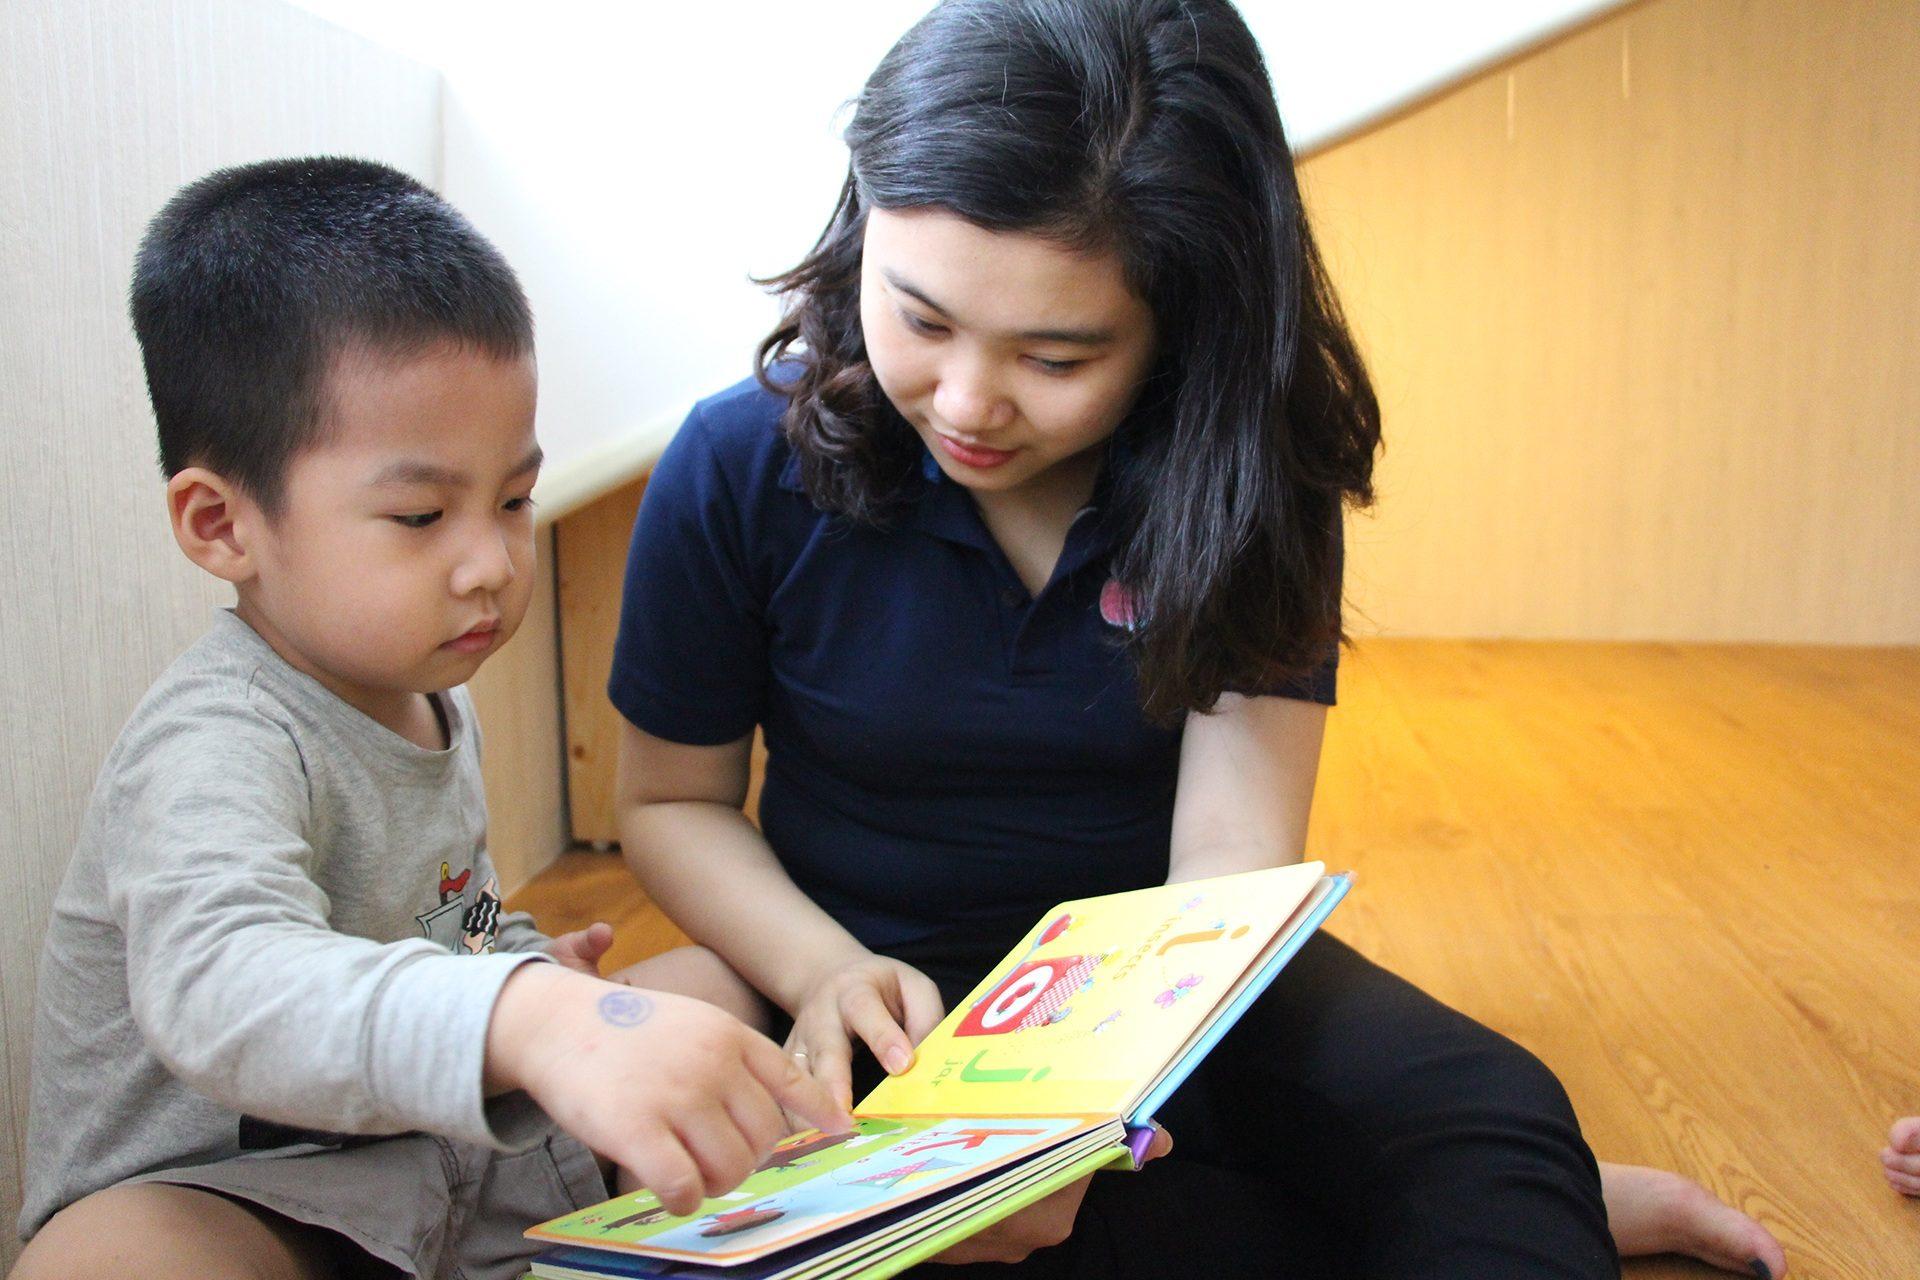 Bác sĩ Nhi giải đáp: Độ tuổi cho bé đi nhà trẻ hợp lý và những việc cha mẹ cần chuẩn bị - Ảnh 2